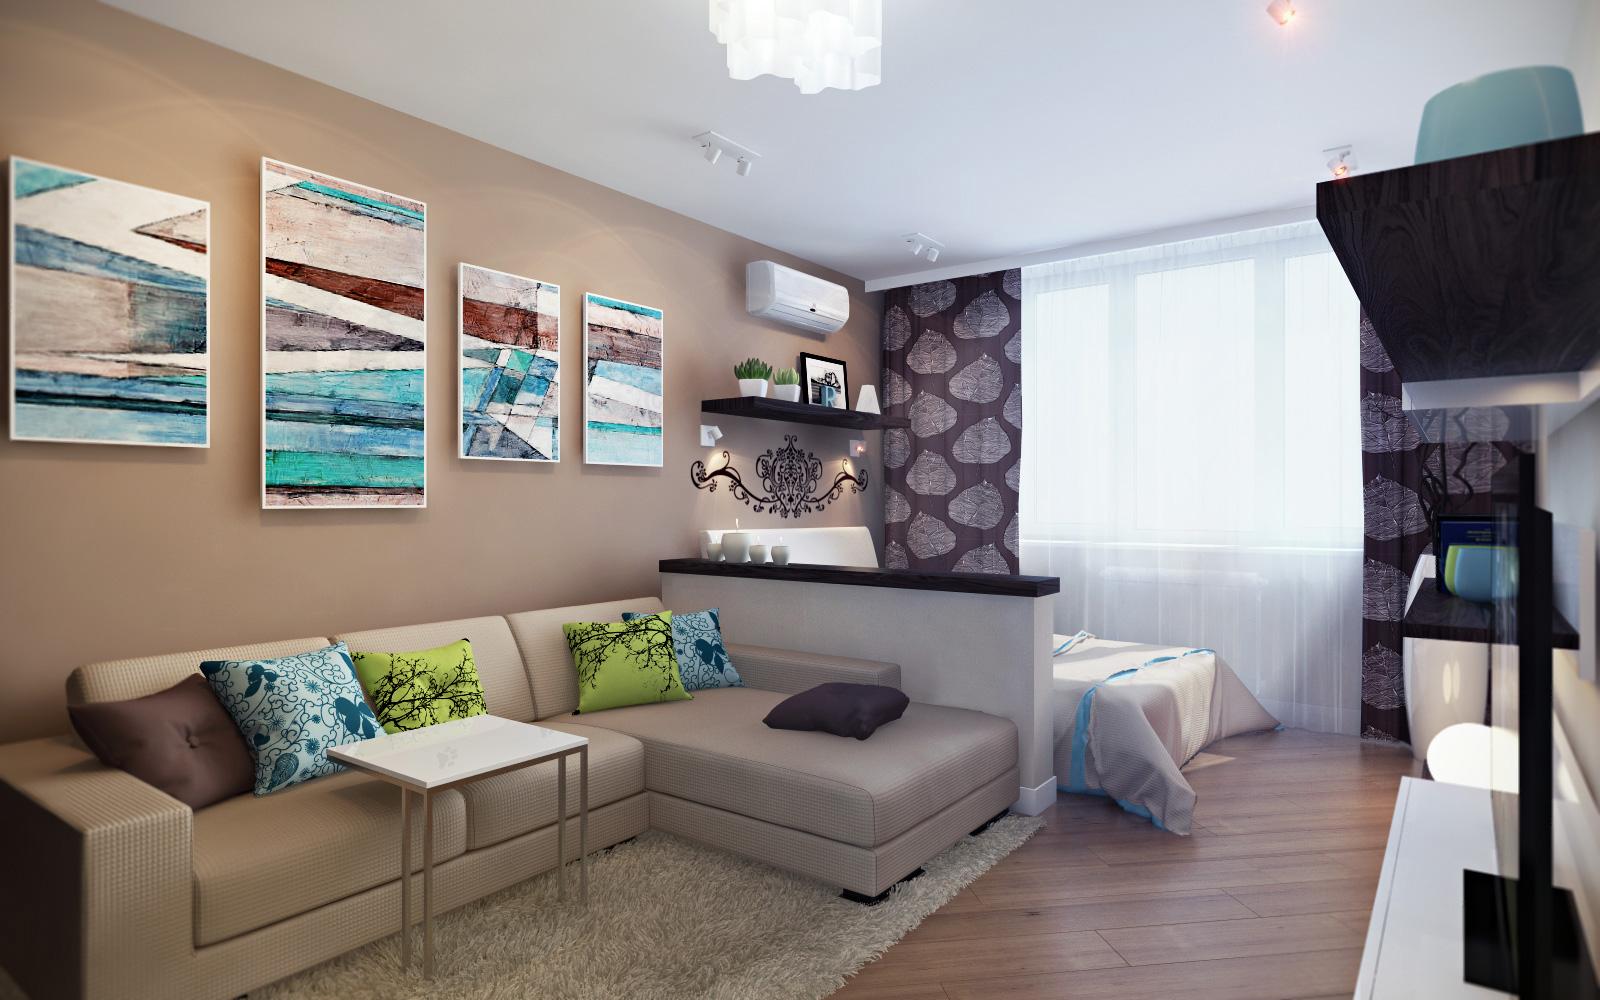 Интерьеры квартир 1 комнатных фото